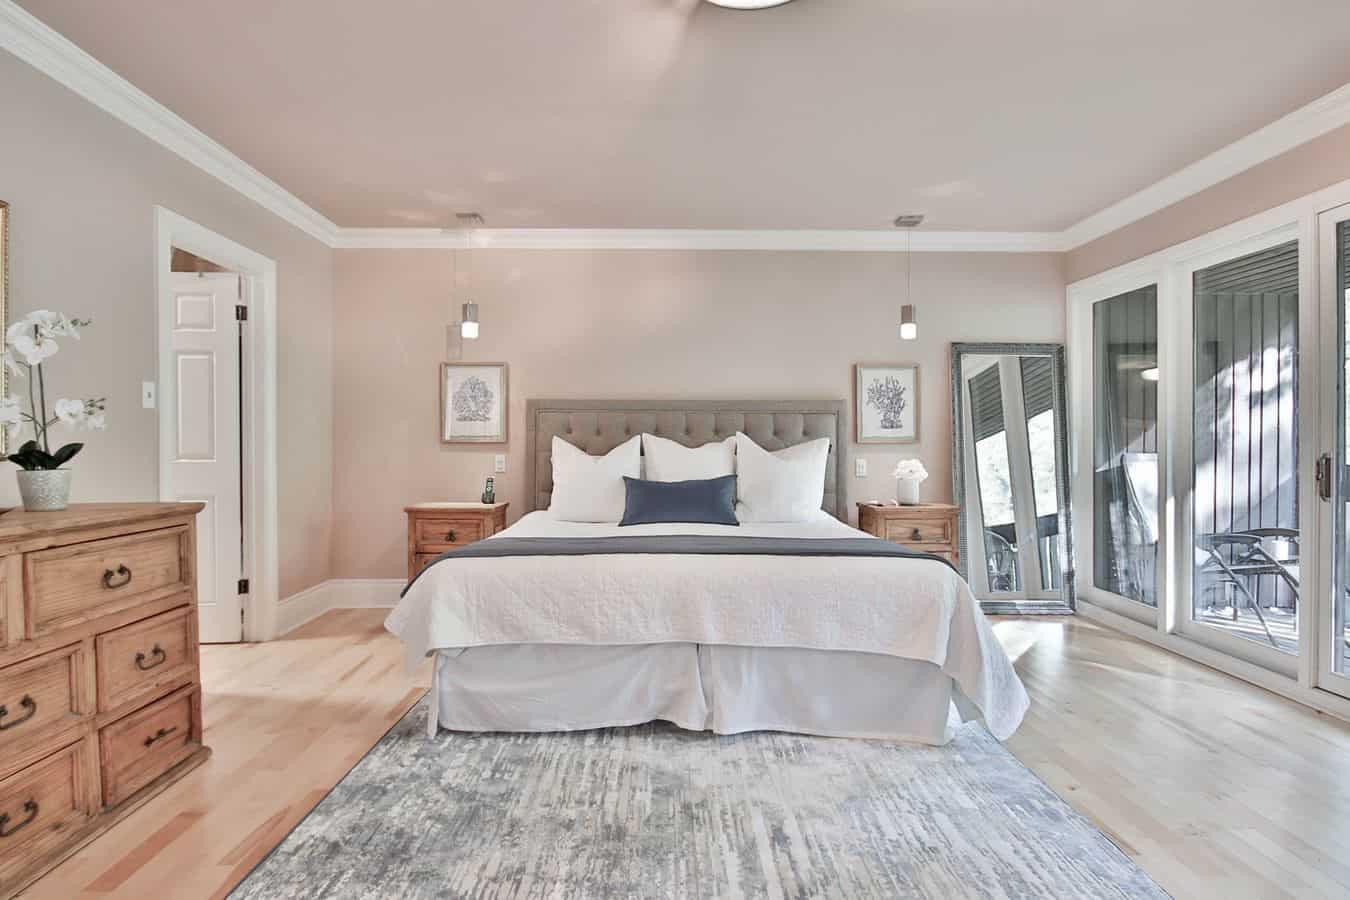 Chọn họa tiết phù hợp với không gian phòng ngủ